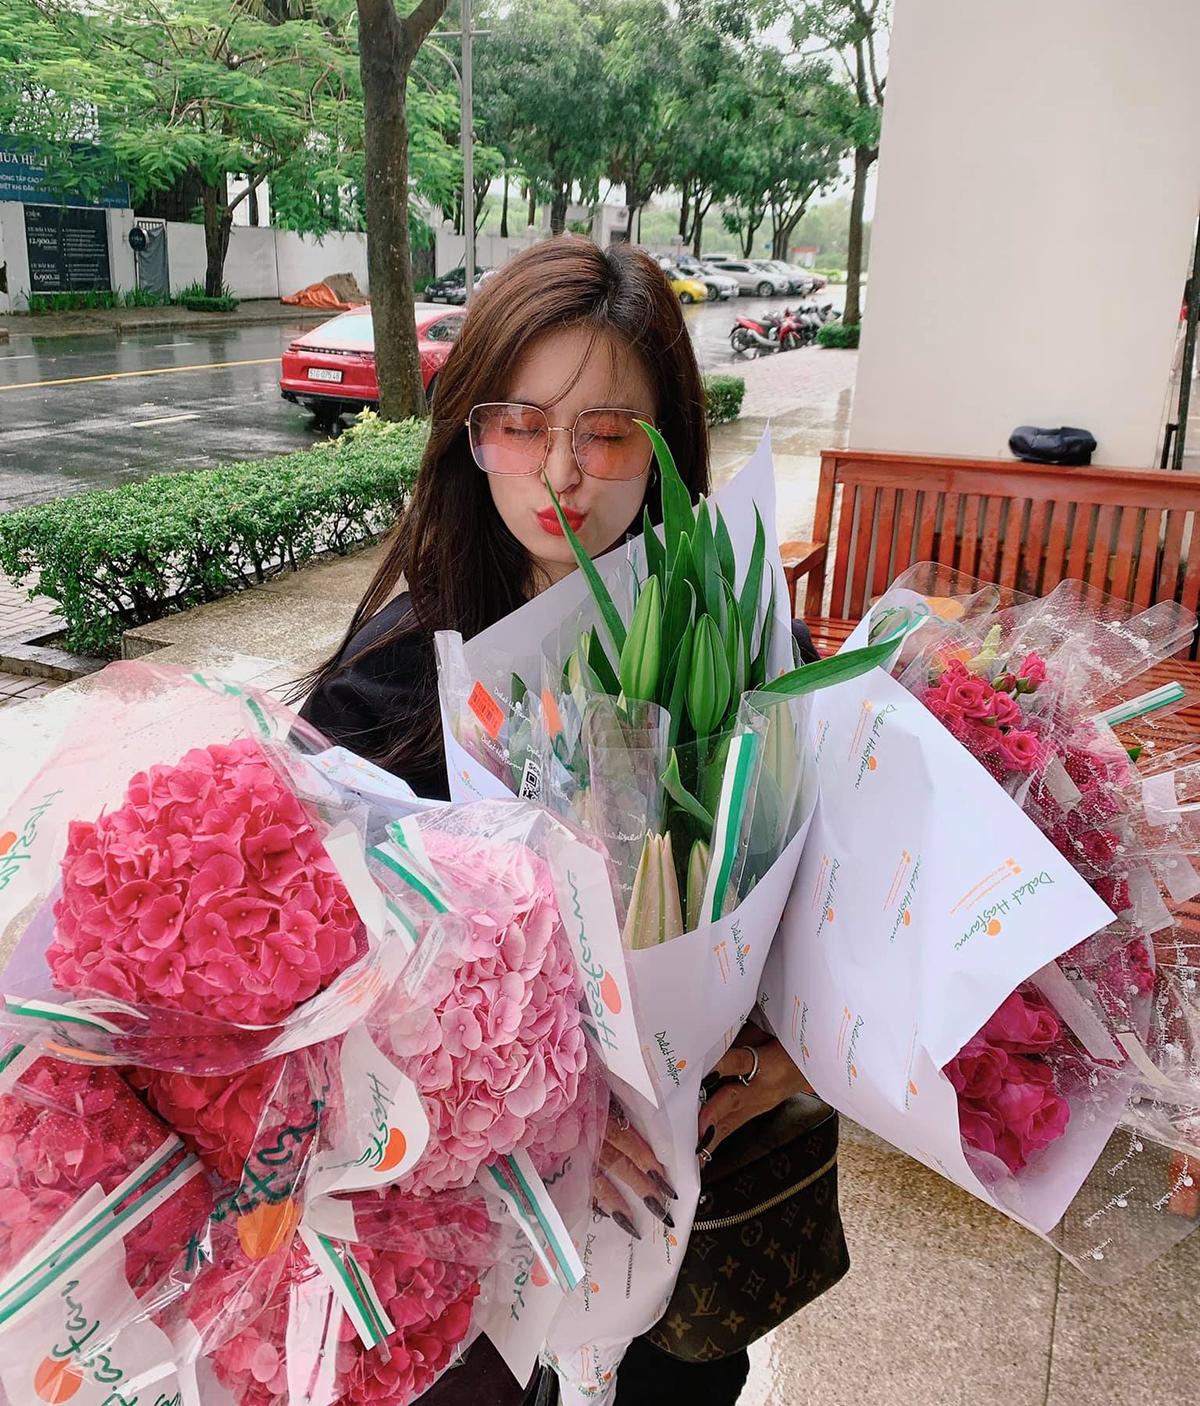 Hoàng Thùy Linh ngày nào cũng mua cả chục bó hoa về cắm để làm đẹp cho không gian sống.